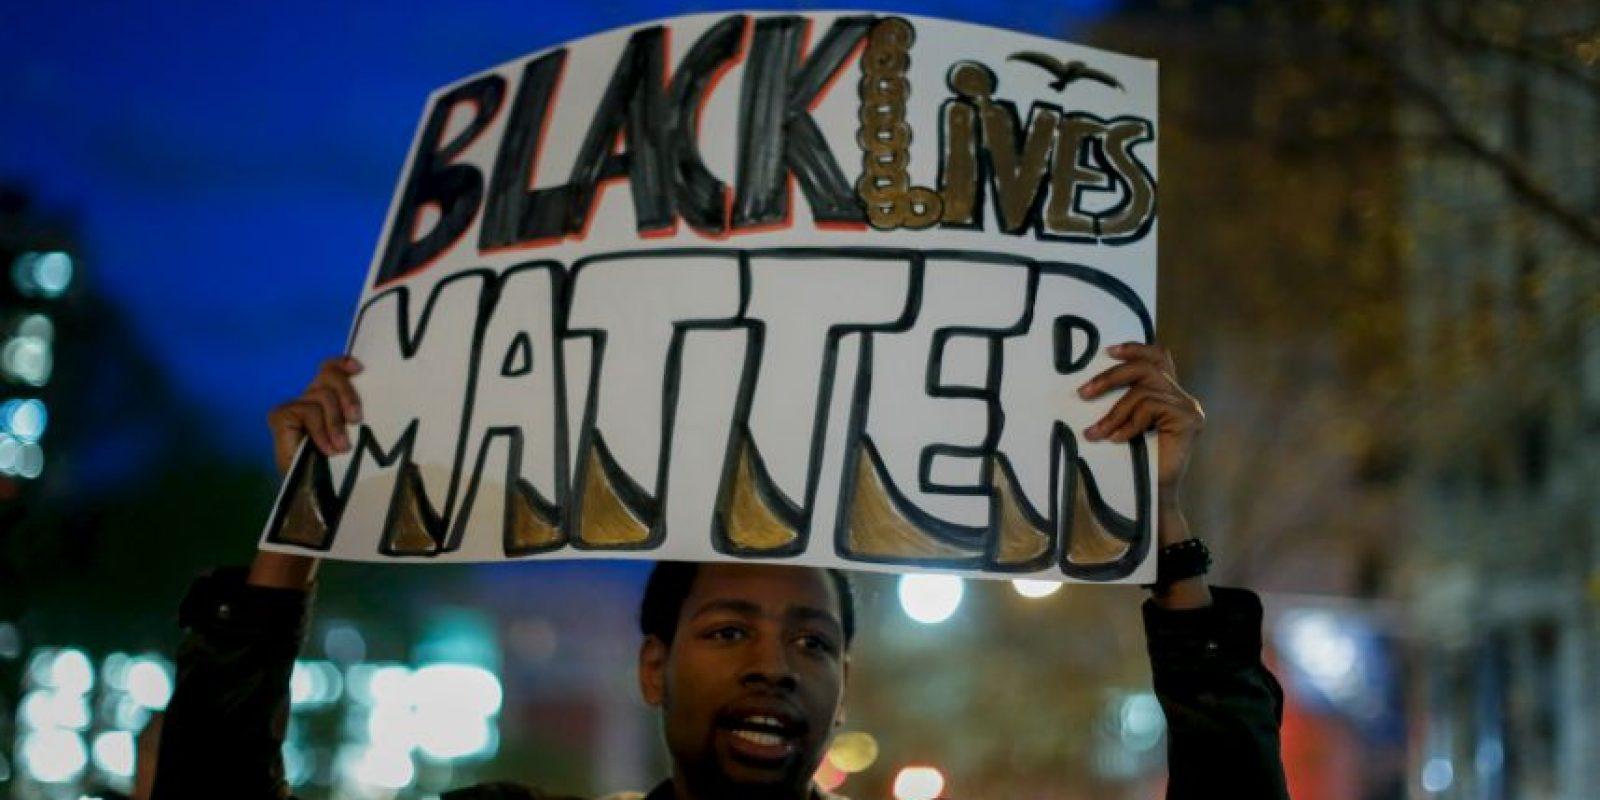 También se registraron marchas similares en otras grandes ciudades del país. Foto:Getty Images